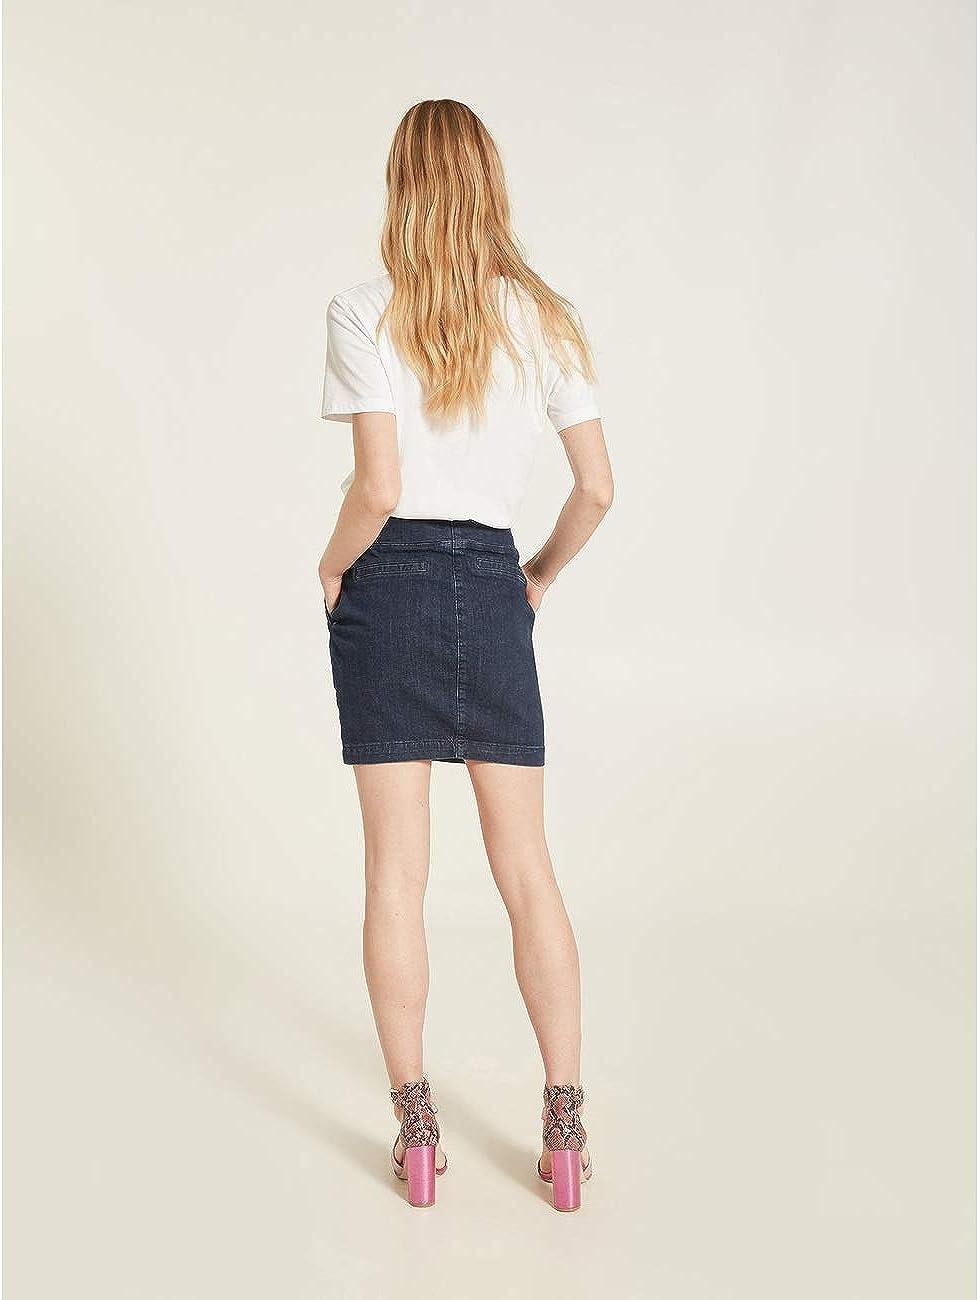 Motivi Minigonna in Jeans Baschina Italian Size